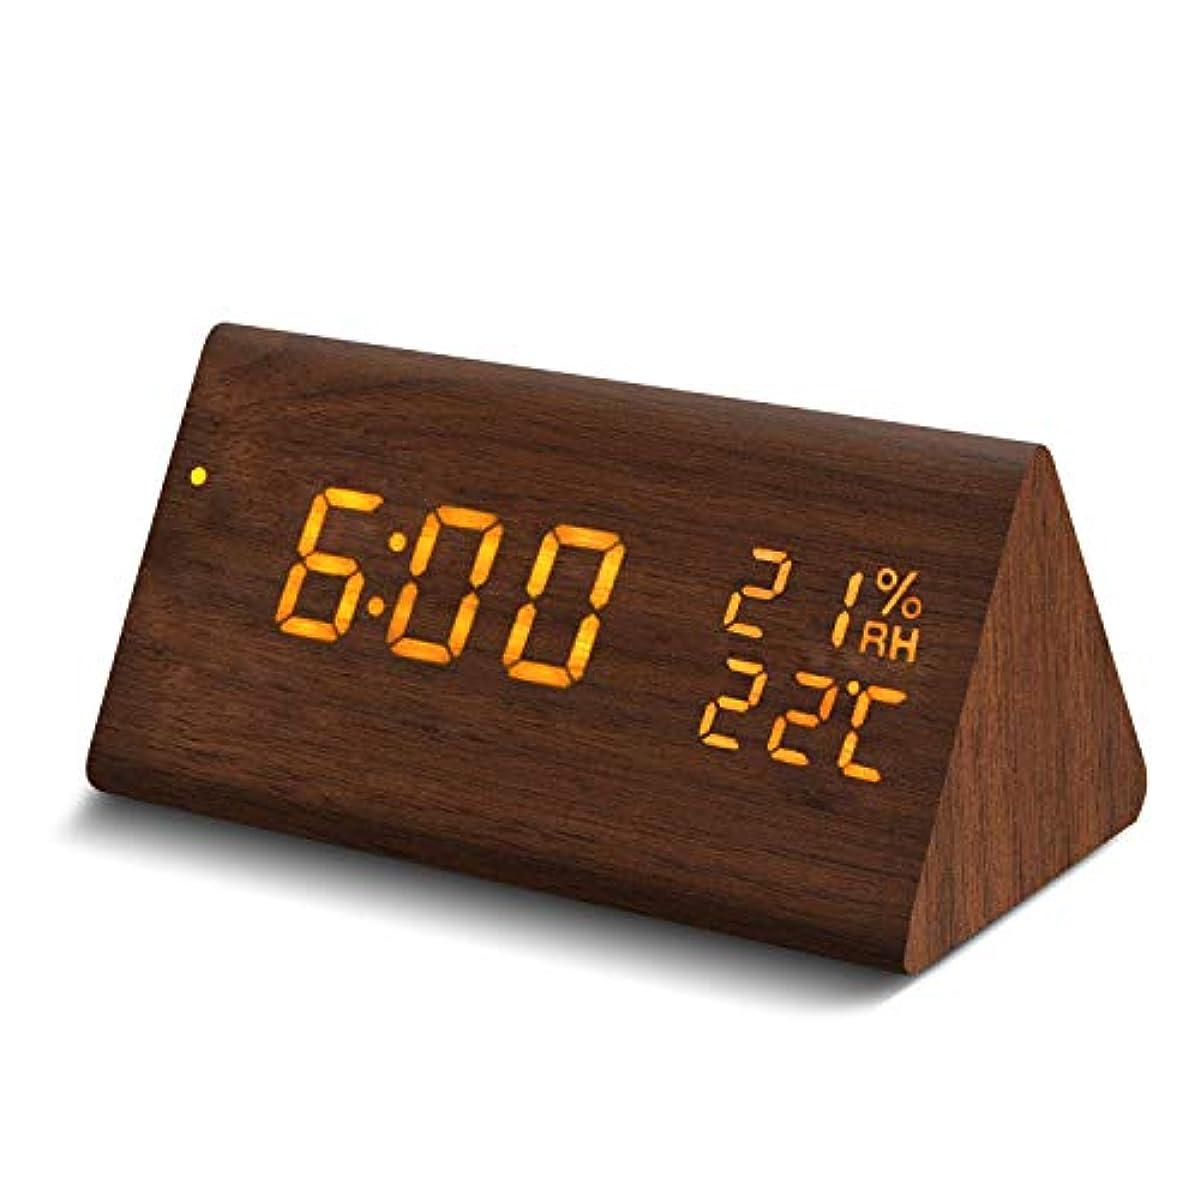 [해외] GALOPAR 자명종 탁상시계 LED 다기능 알람 디지털 시계 우드 그레인 대음량 음성 감지 디지털 온도계 습도계 USB/전지급 전에너지 절약 브라운